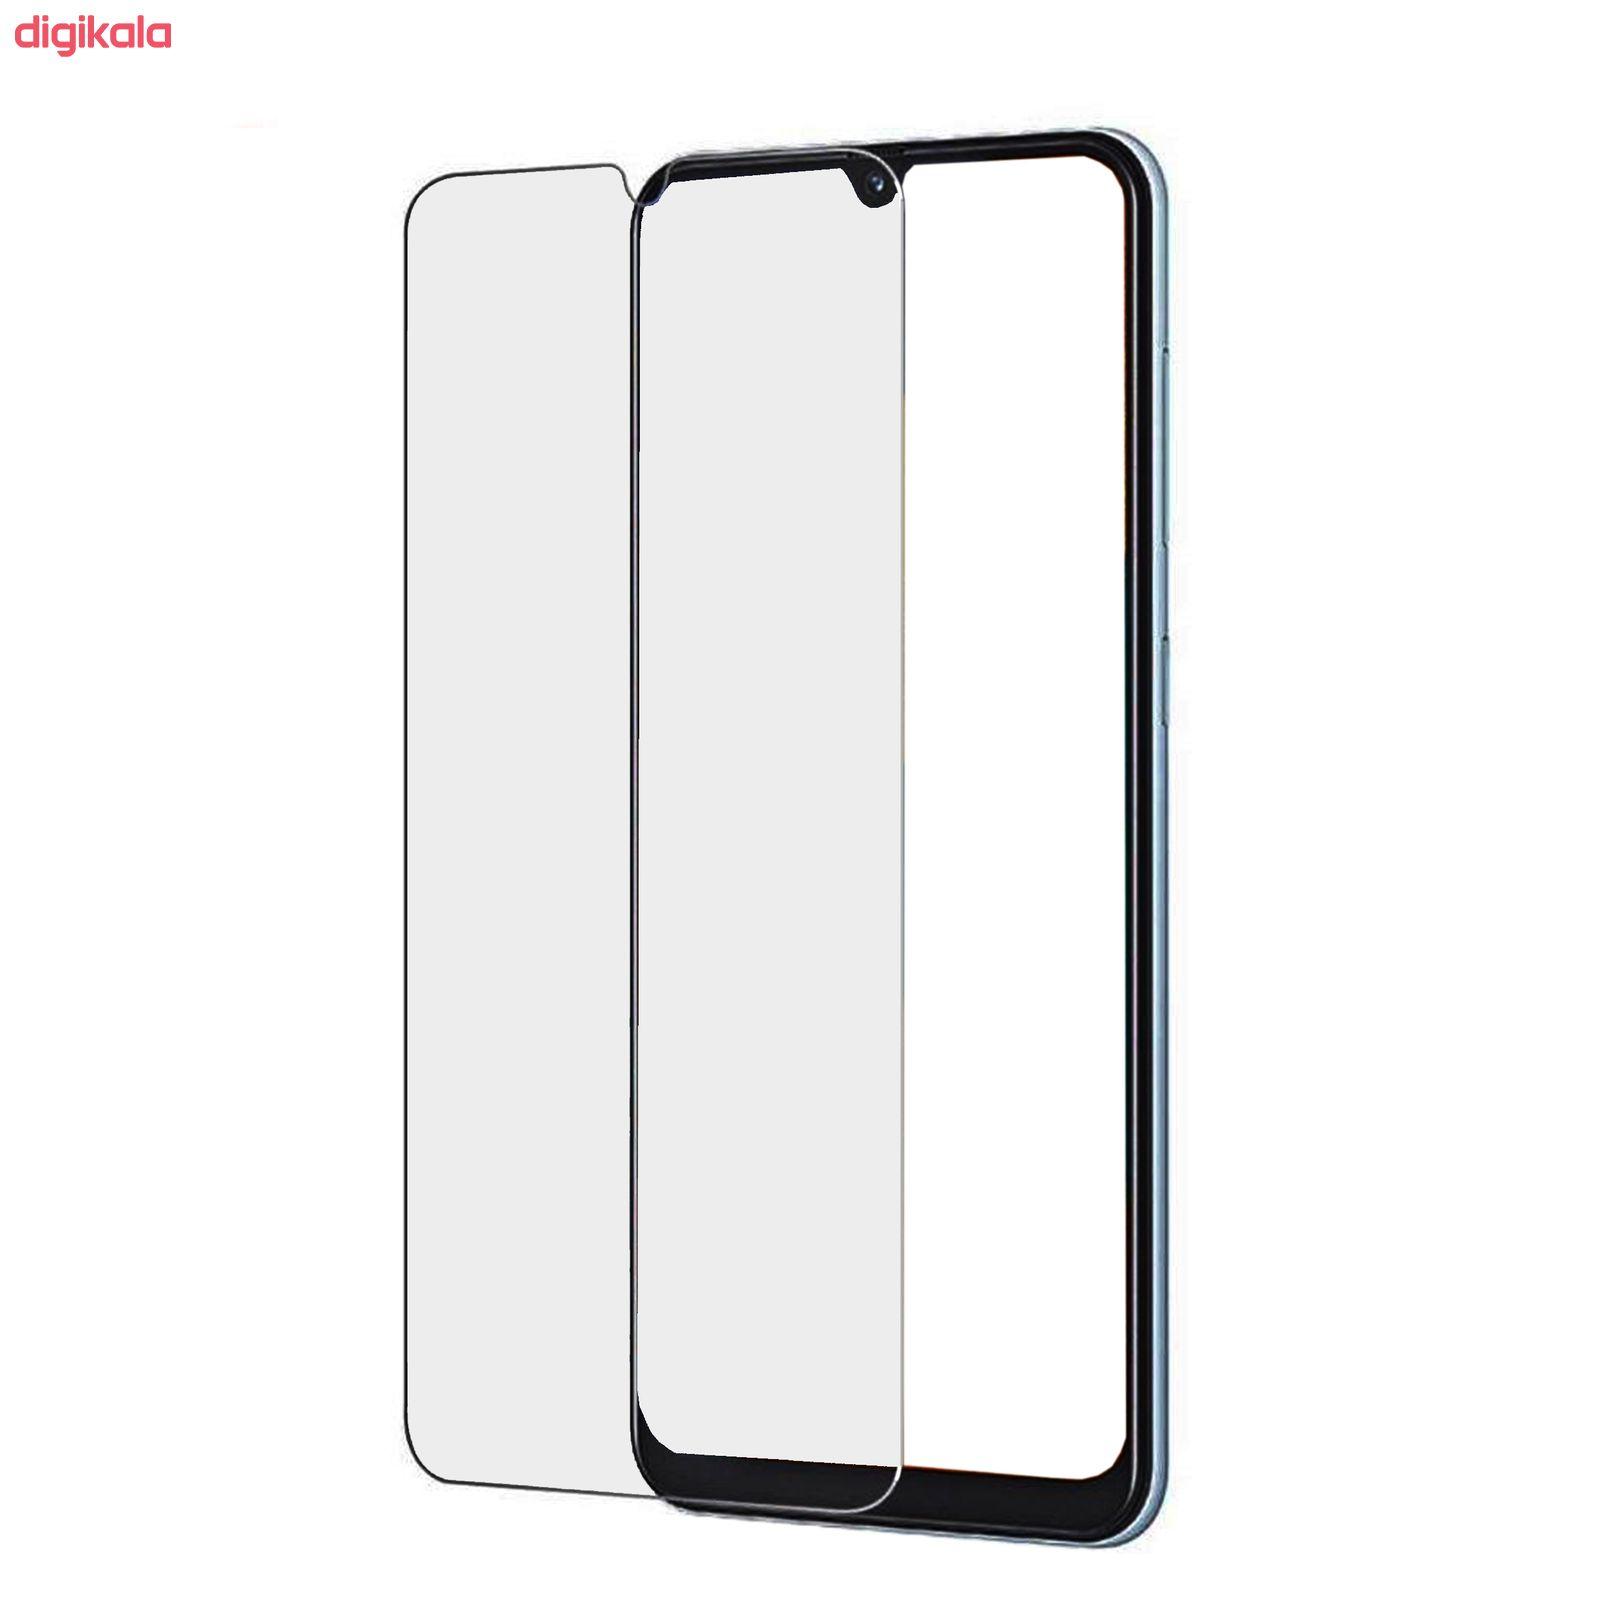 محافظ صفحه نمایش مدل SA10 مناسب برای گوشی موبایل سامسونگ Galaxy A10-A10s-M10-M10s main 1 2